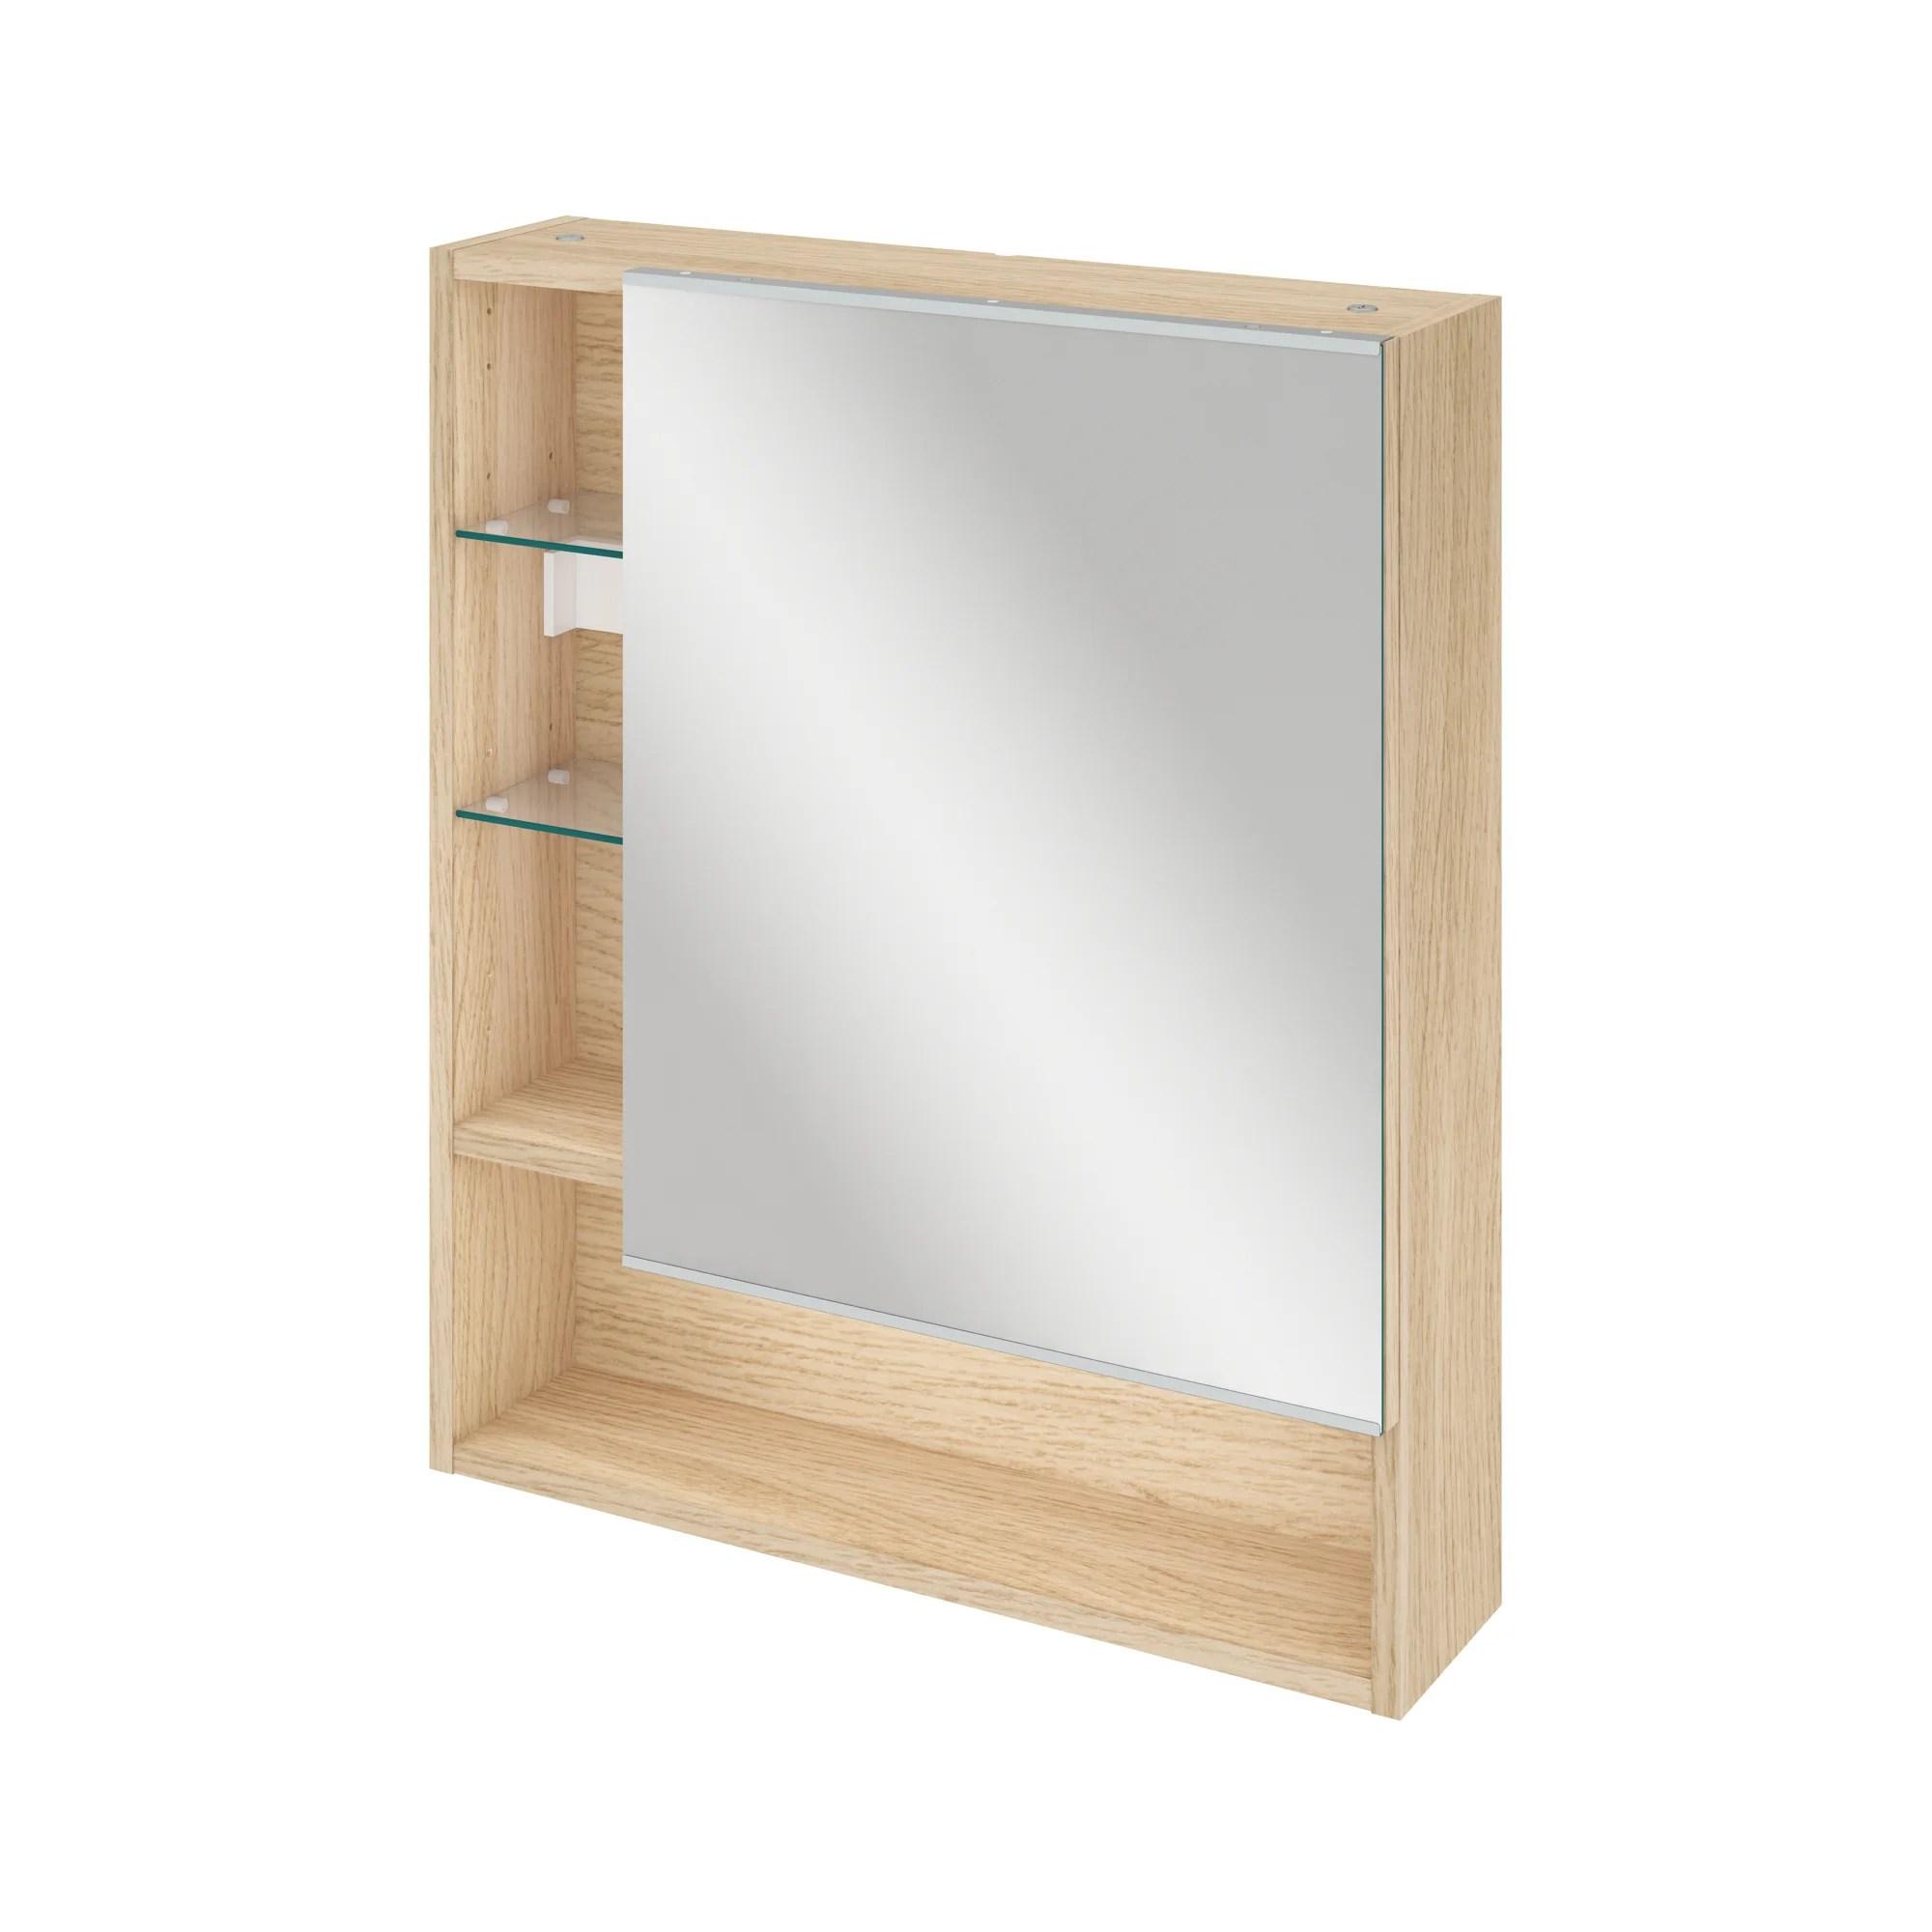 armoire de toilette l 60 cm chene naturel sensea easy